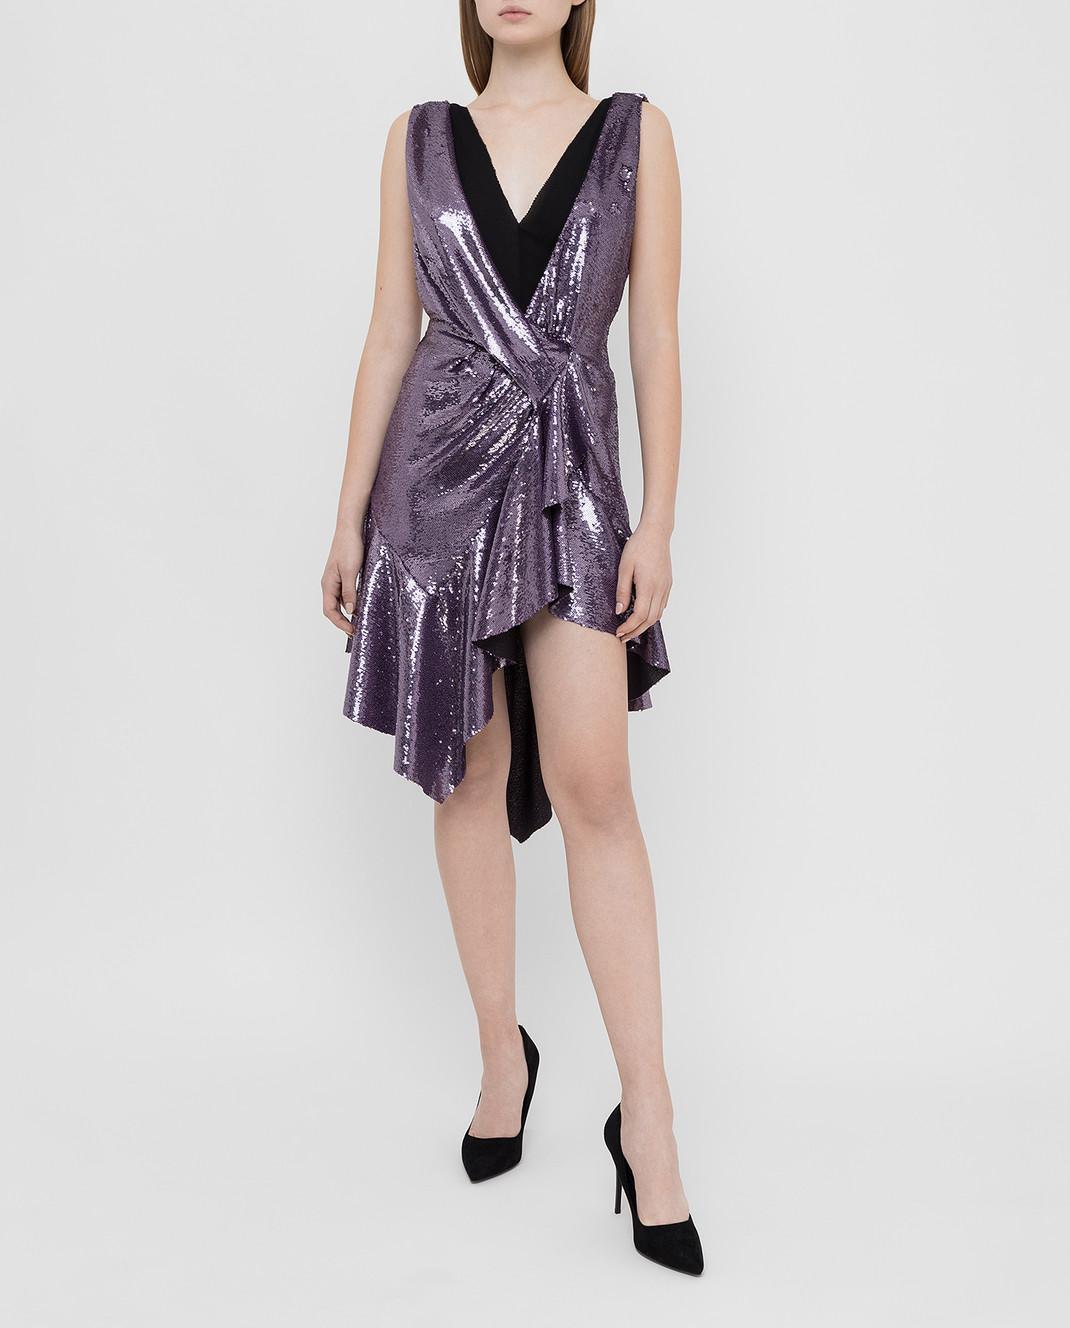 Philosophy di Lorenzo Serafini Фиолетовое платье в пайетках изображение 2